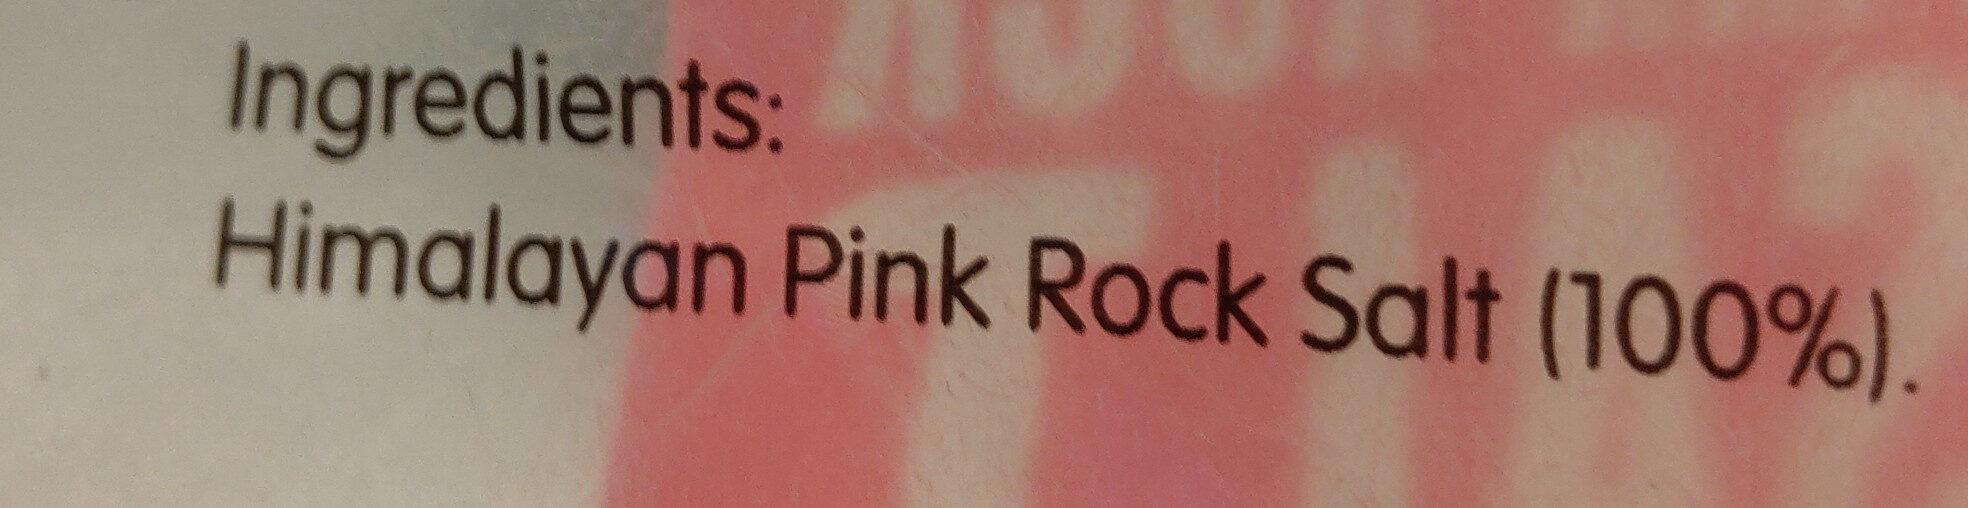 Himalayan Pink Rock Salt - Ingredients - en